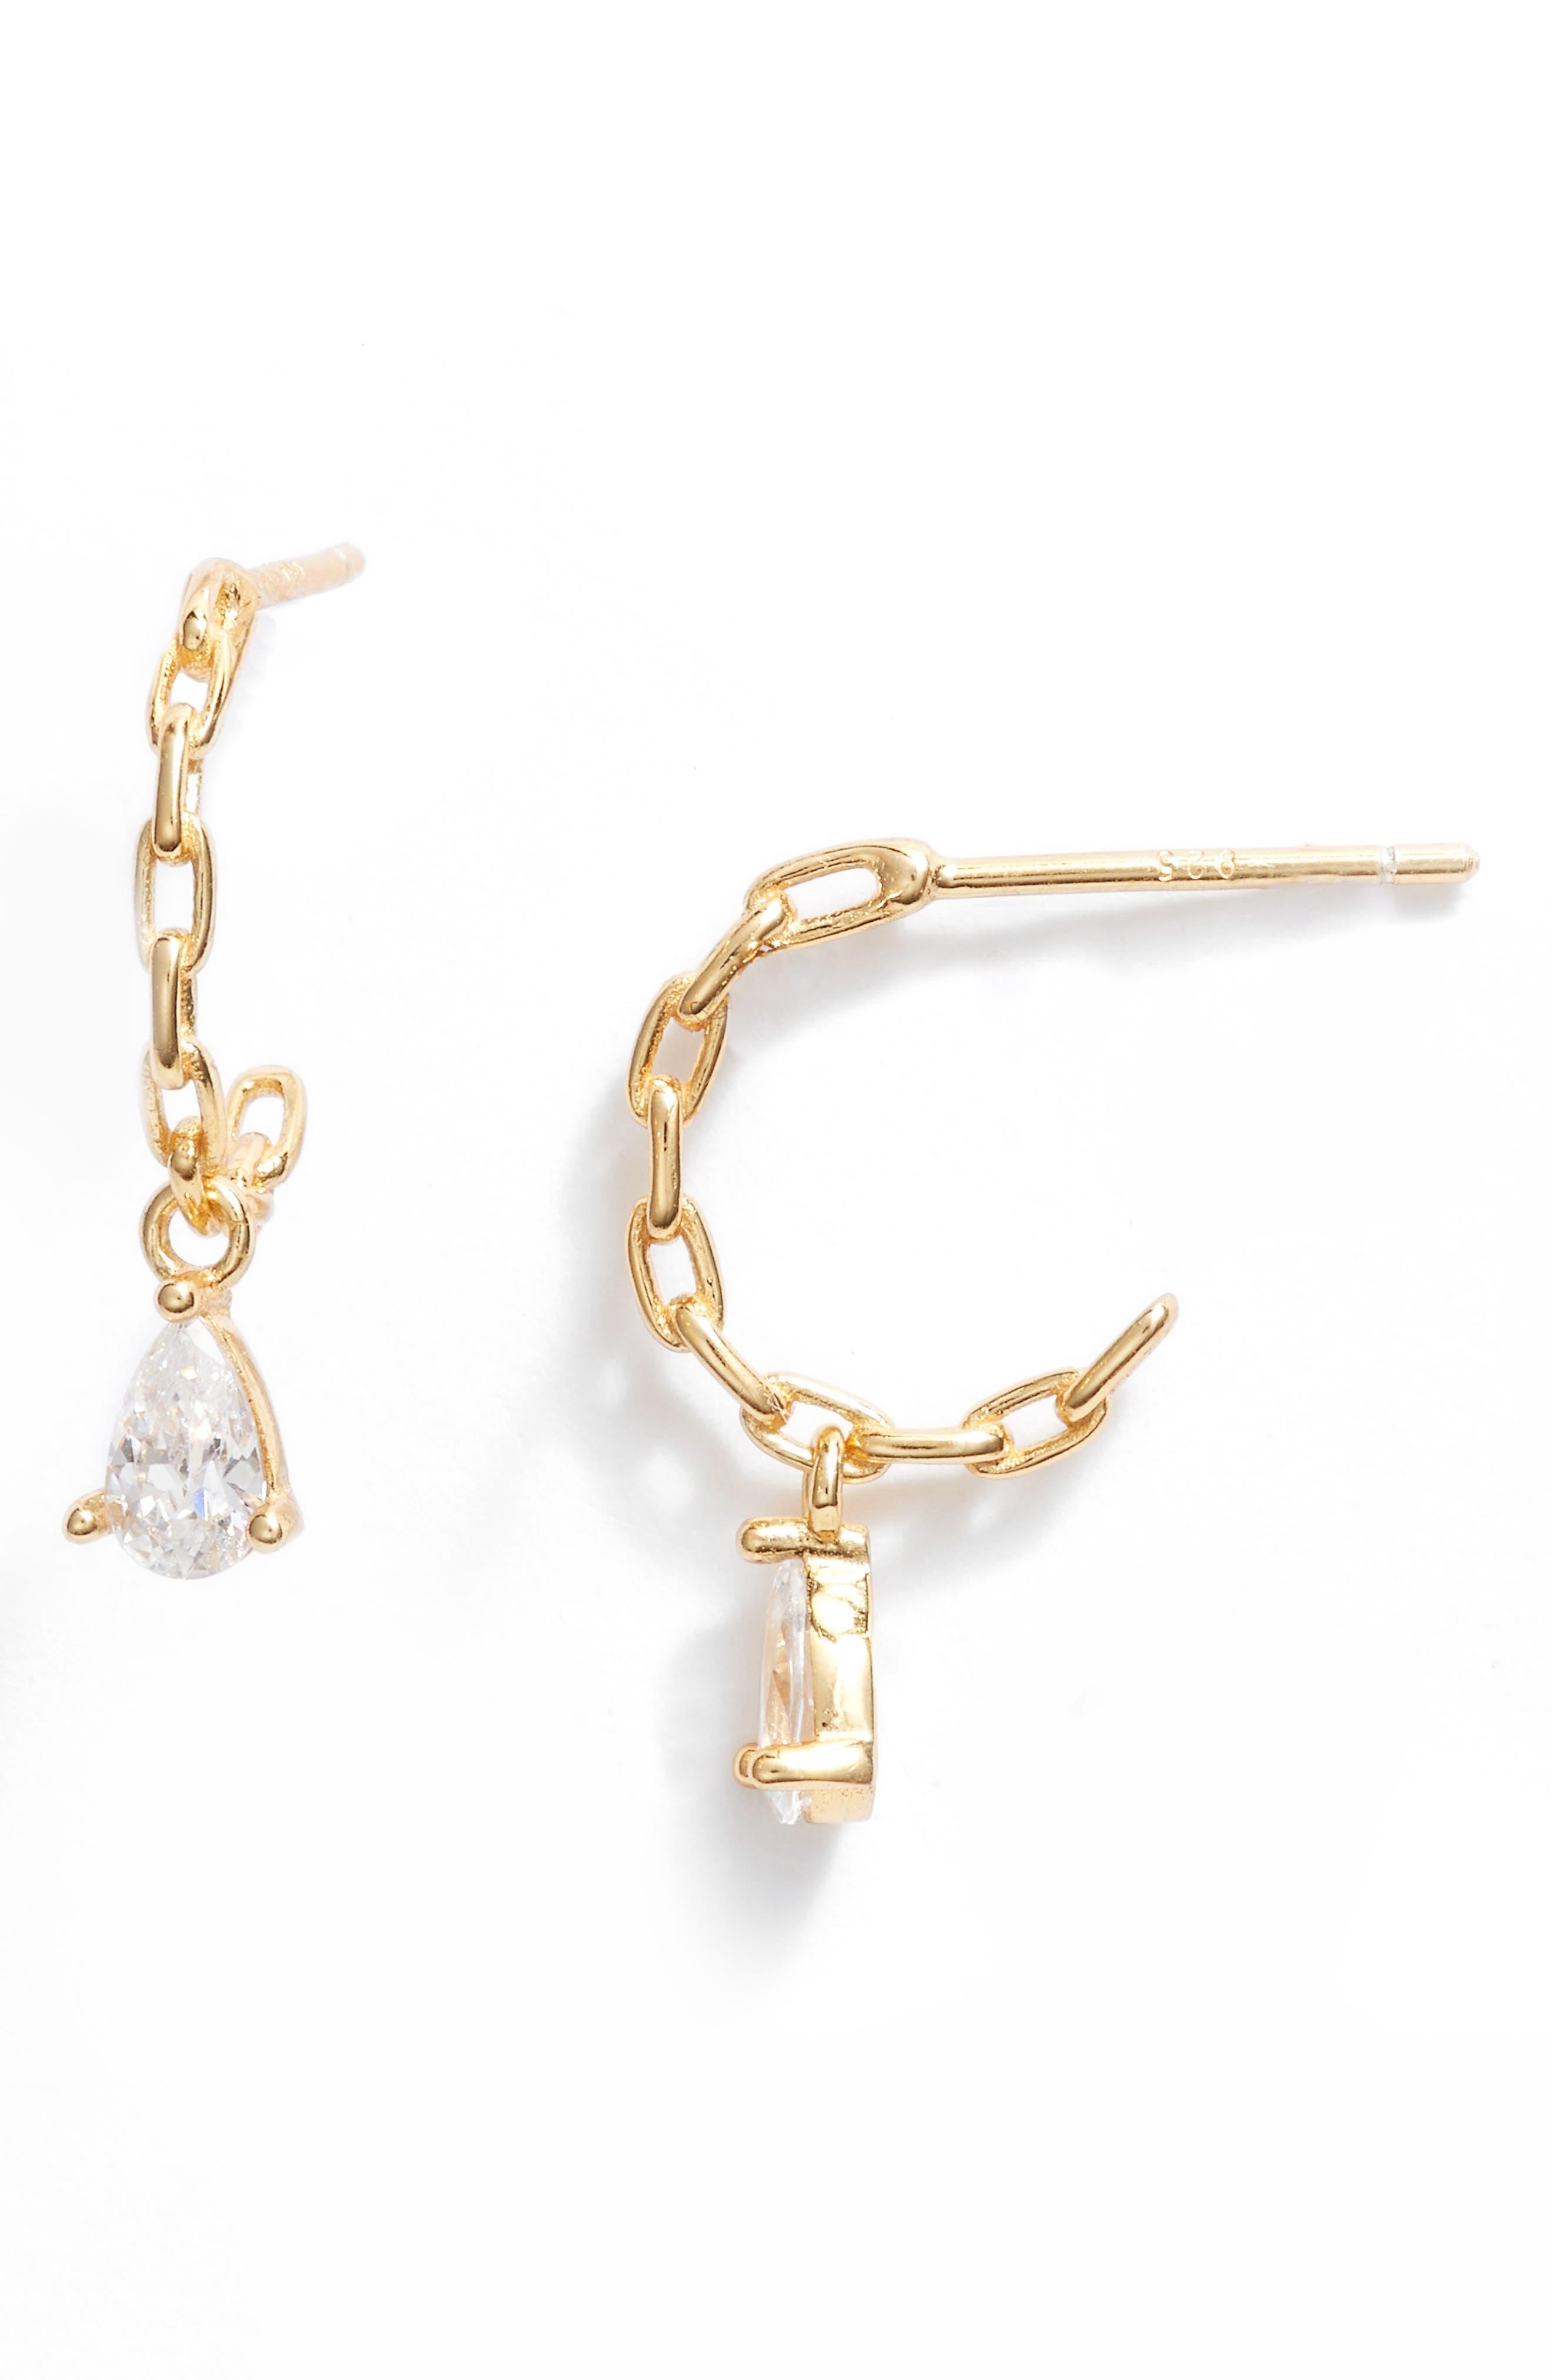 Cubic Zironia Drop Huggie Hoop Earrings